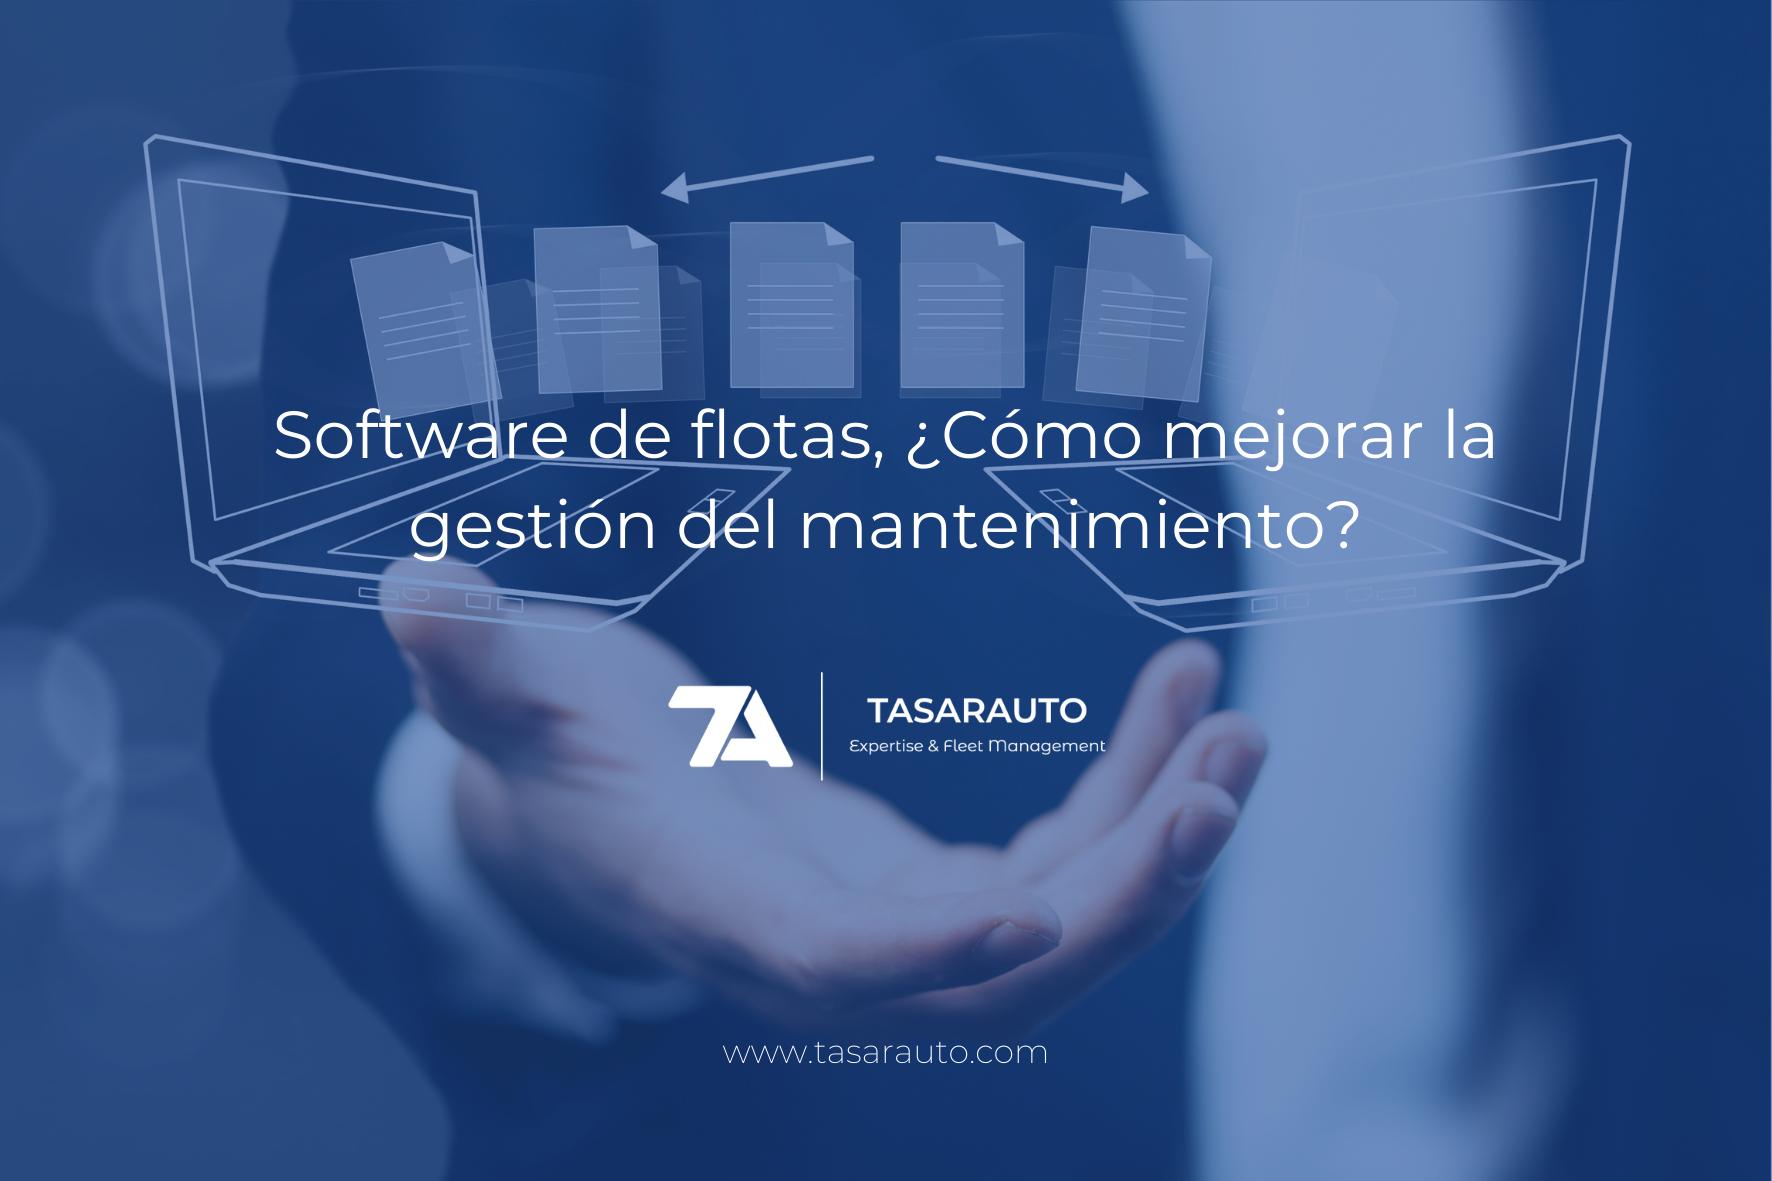 Software De Flotas, ¿Cómo Mejorar  La Gestión Del Mantenimiento?